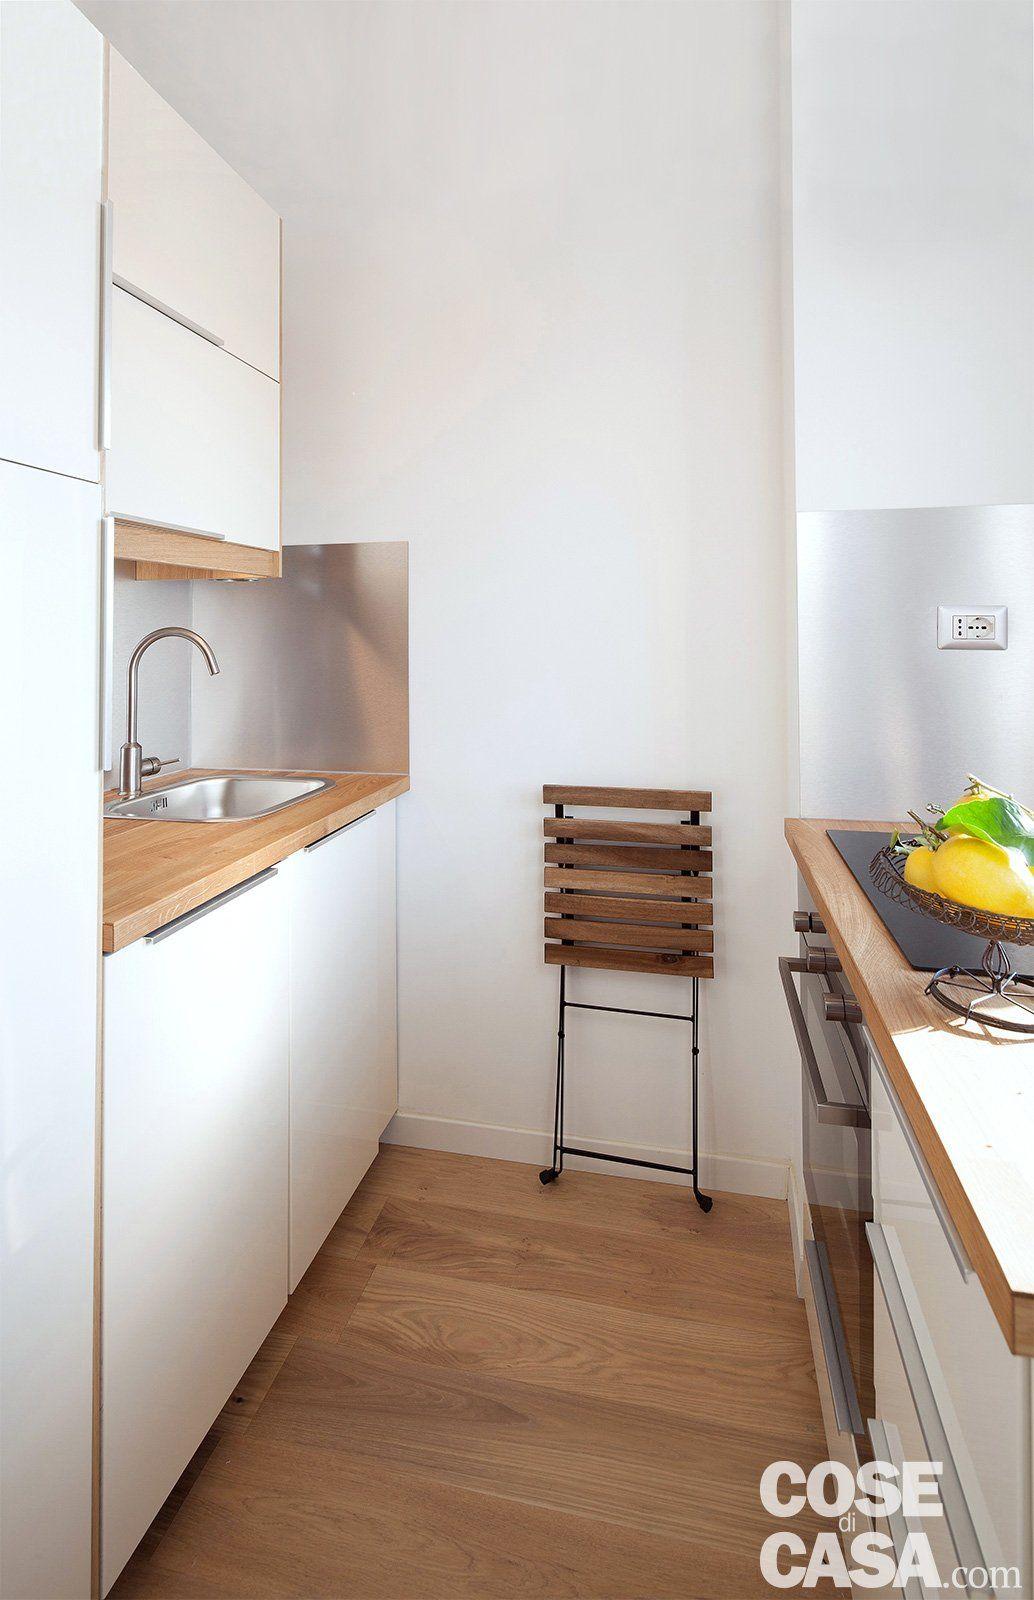 Bilocale di 40 mq casa mini, comfort maxi nel 2020 Case